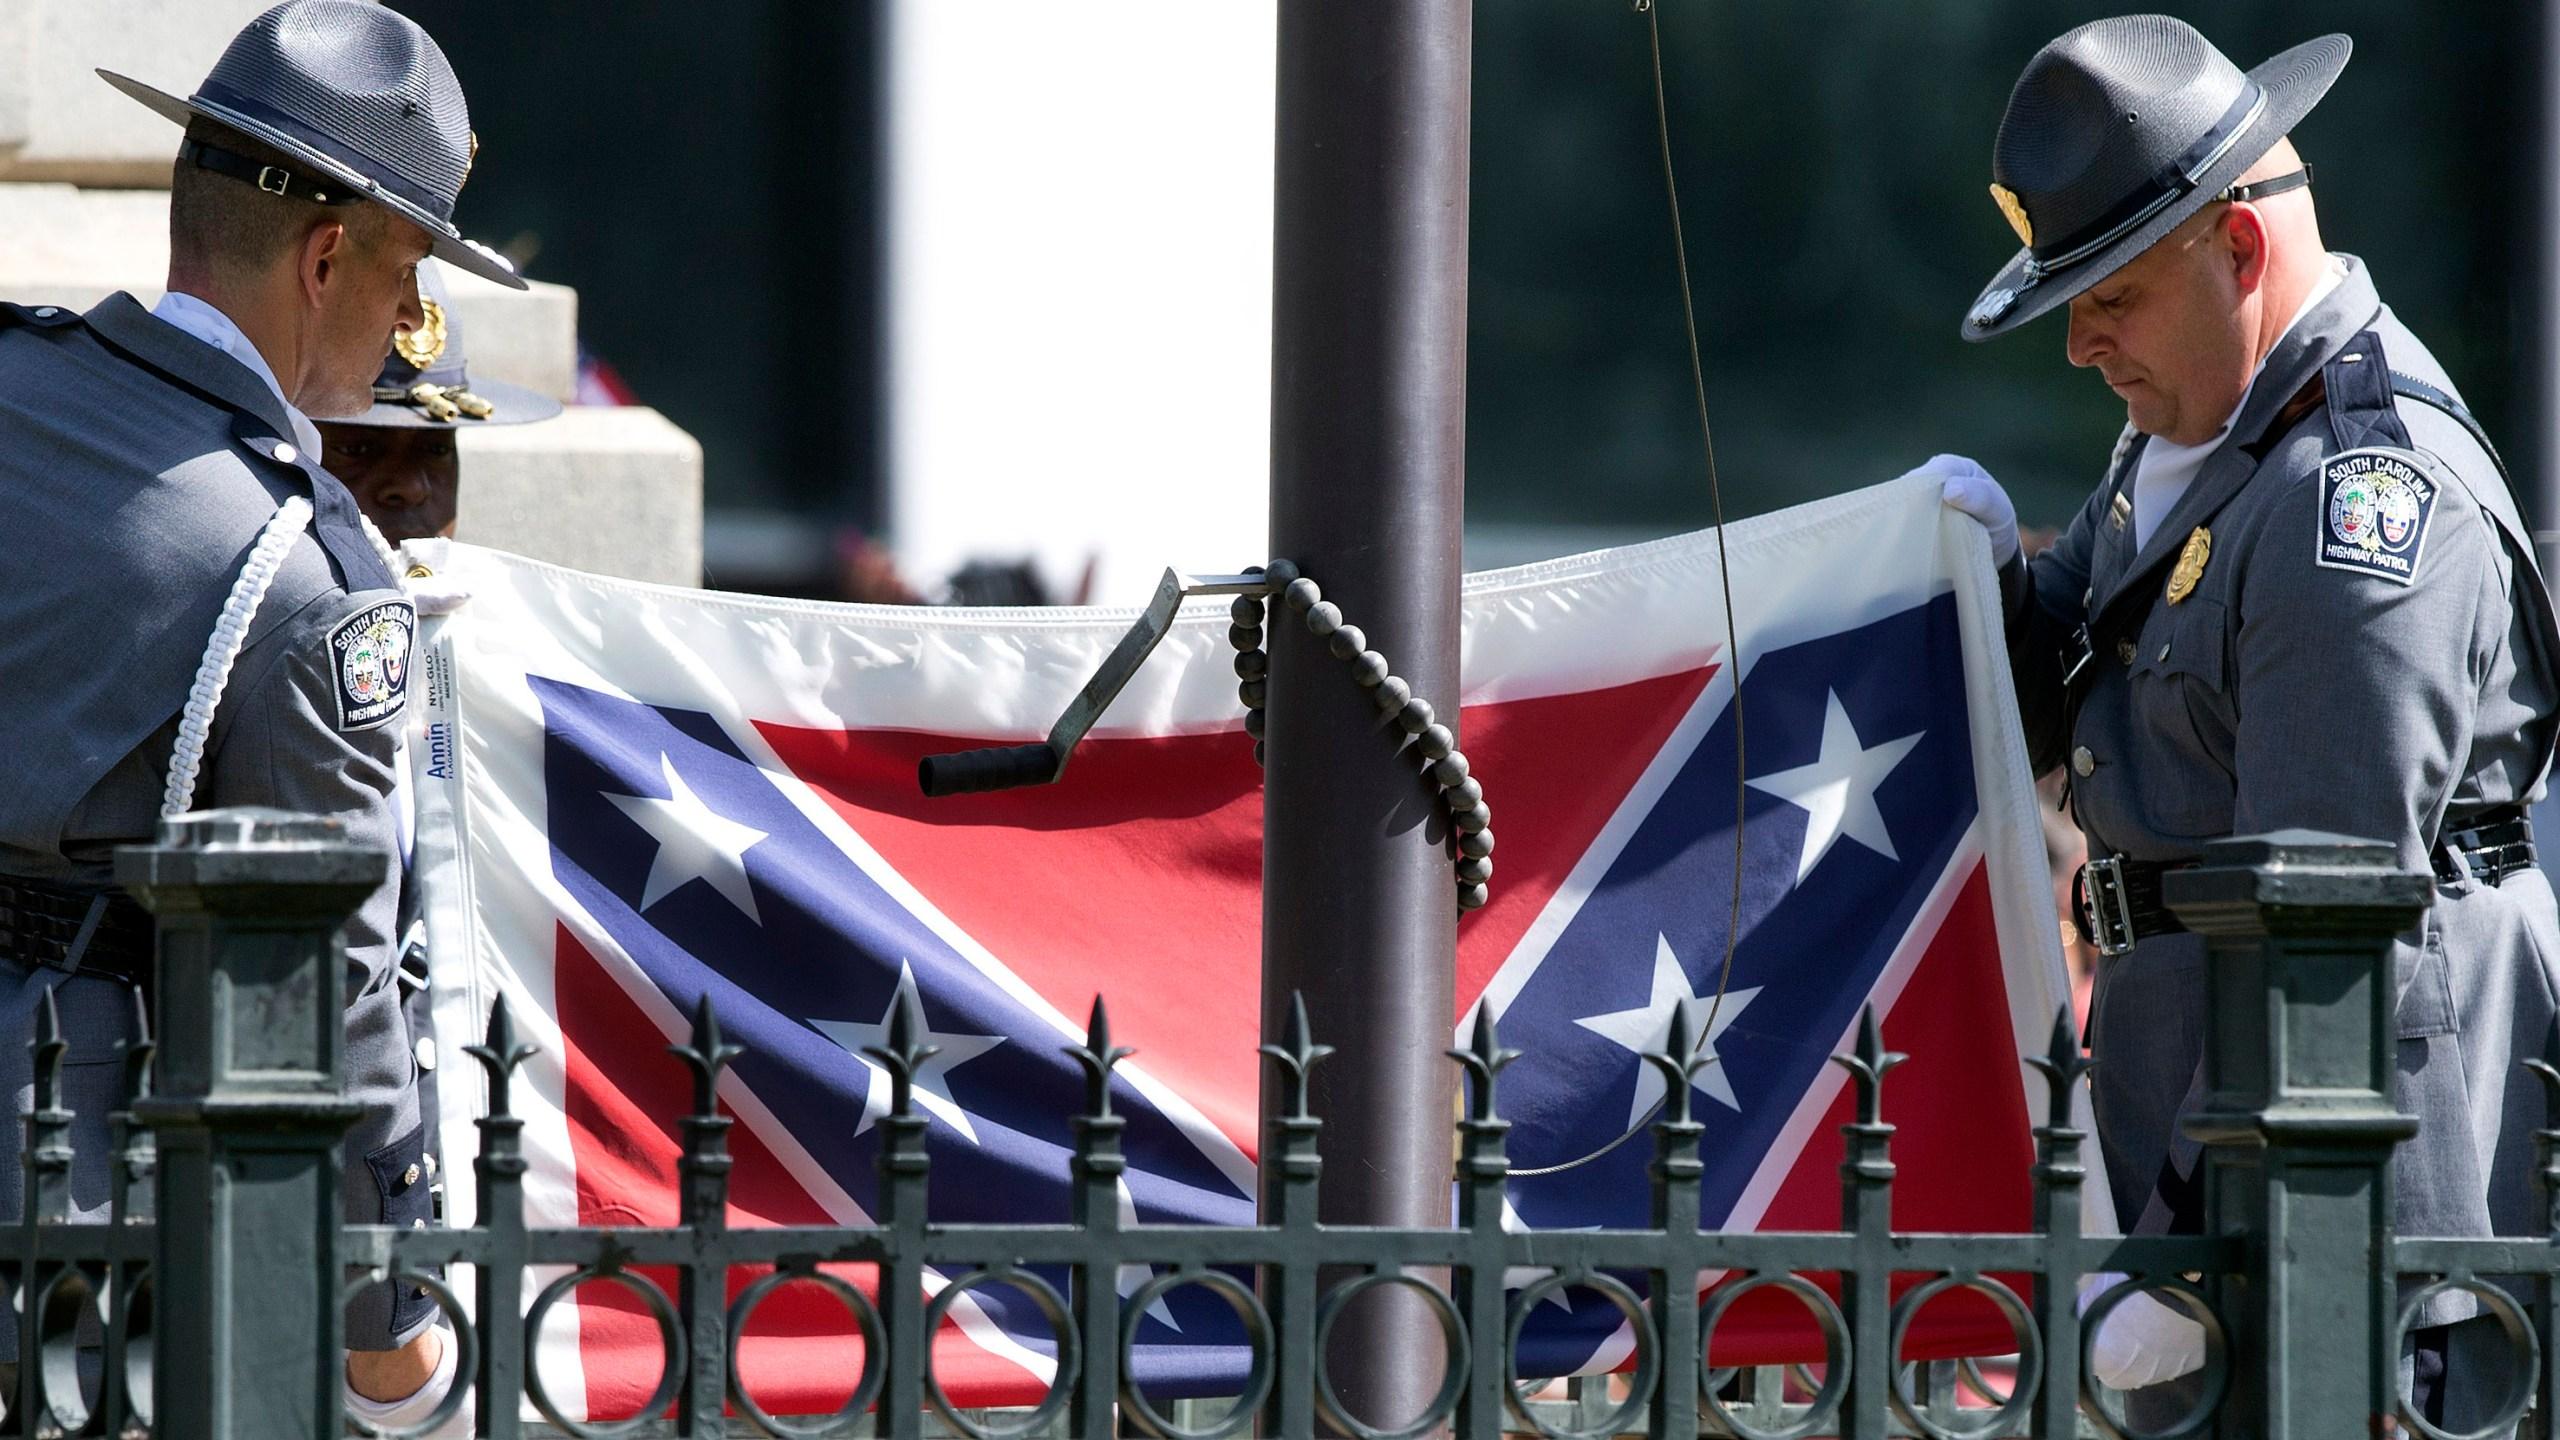 Confederate_Flag_South_Carolina_63531-159532.jpg12420696